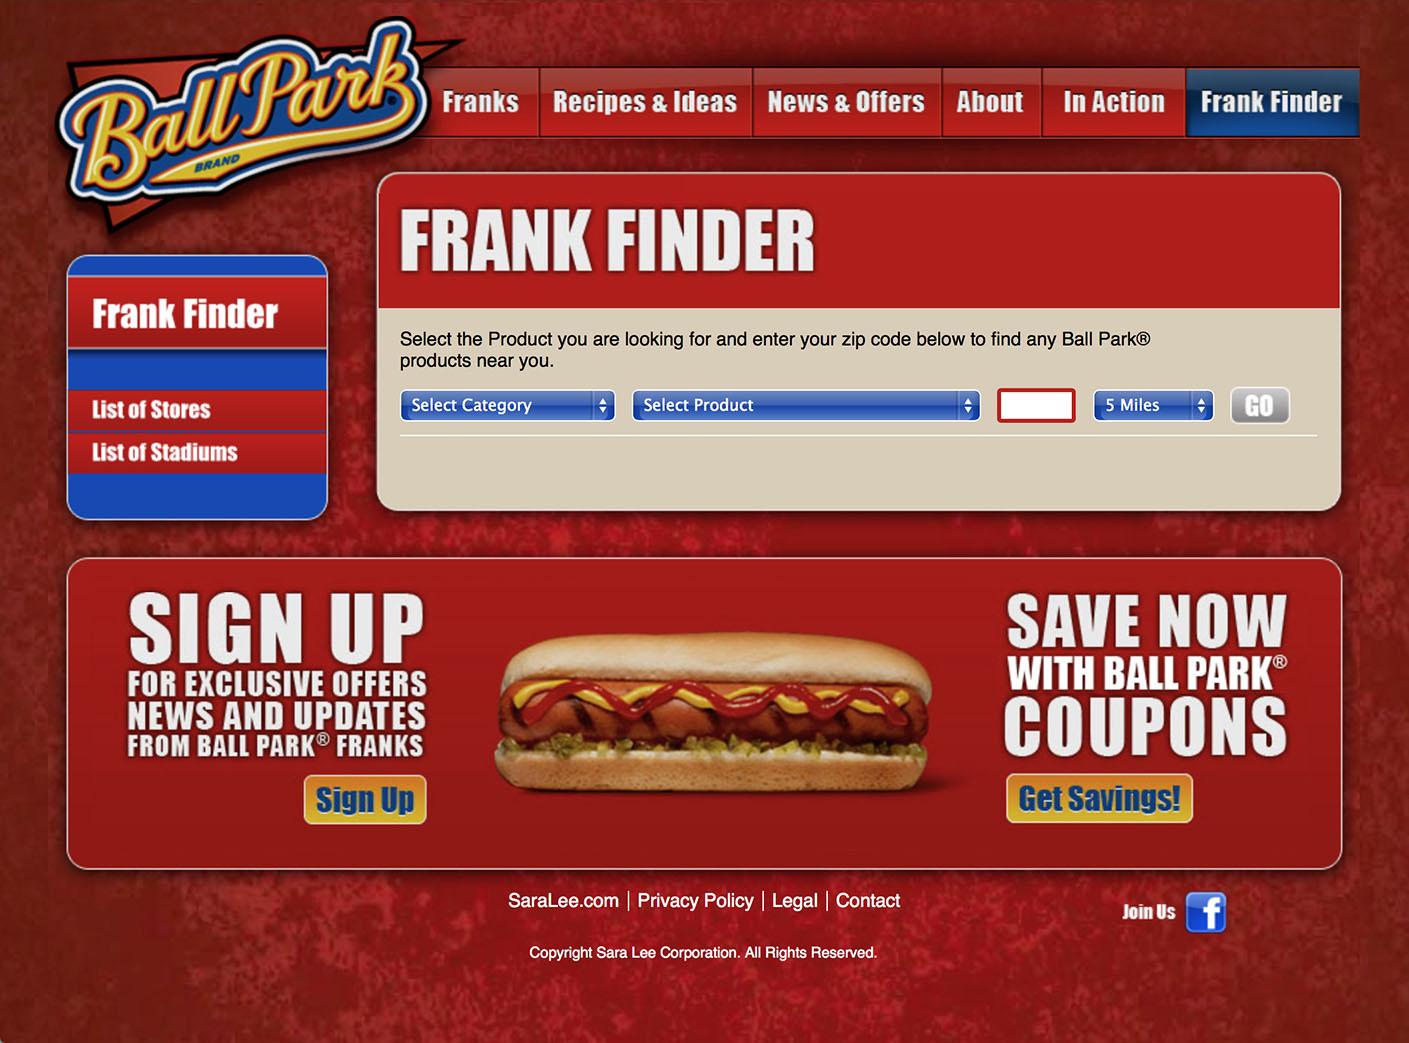 Ball Park: Website – 7 Frank Finder